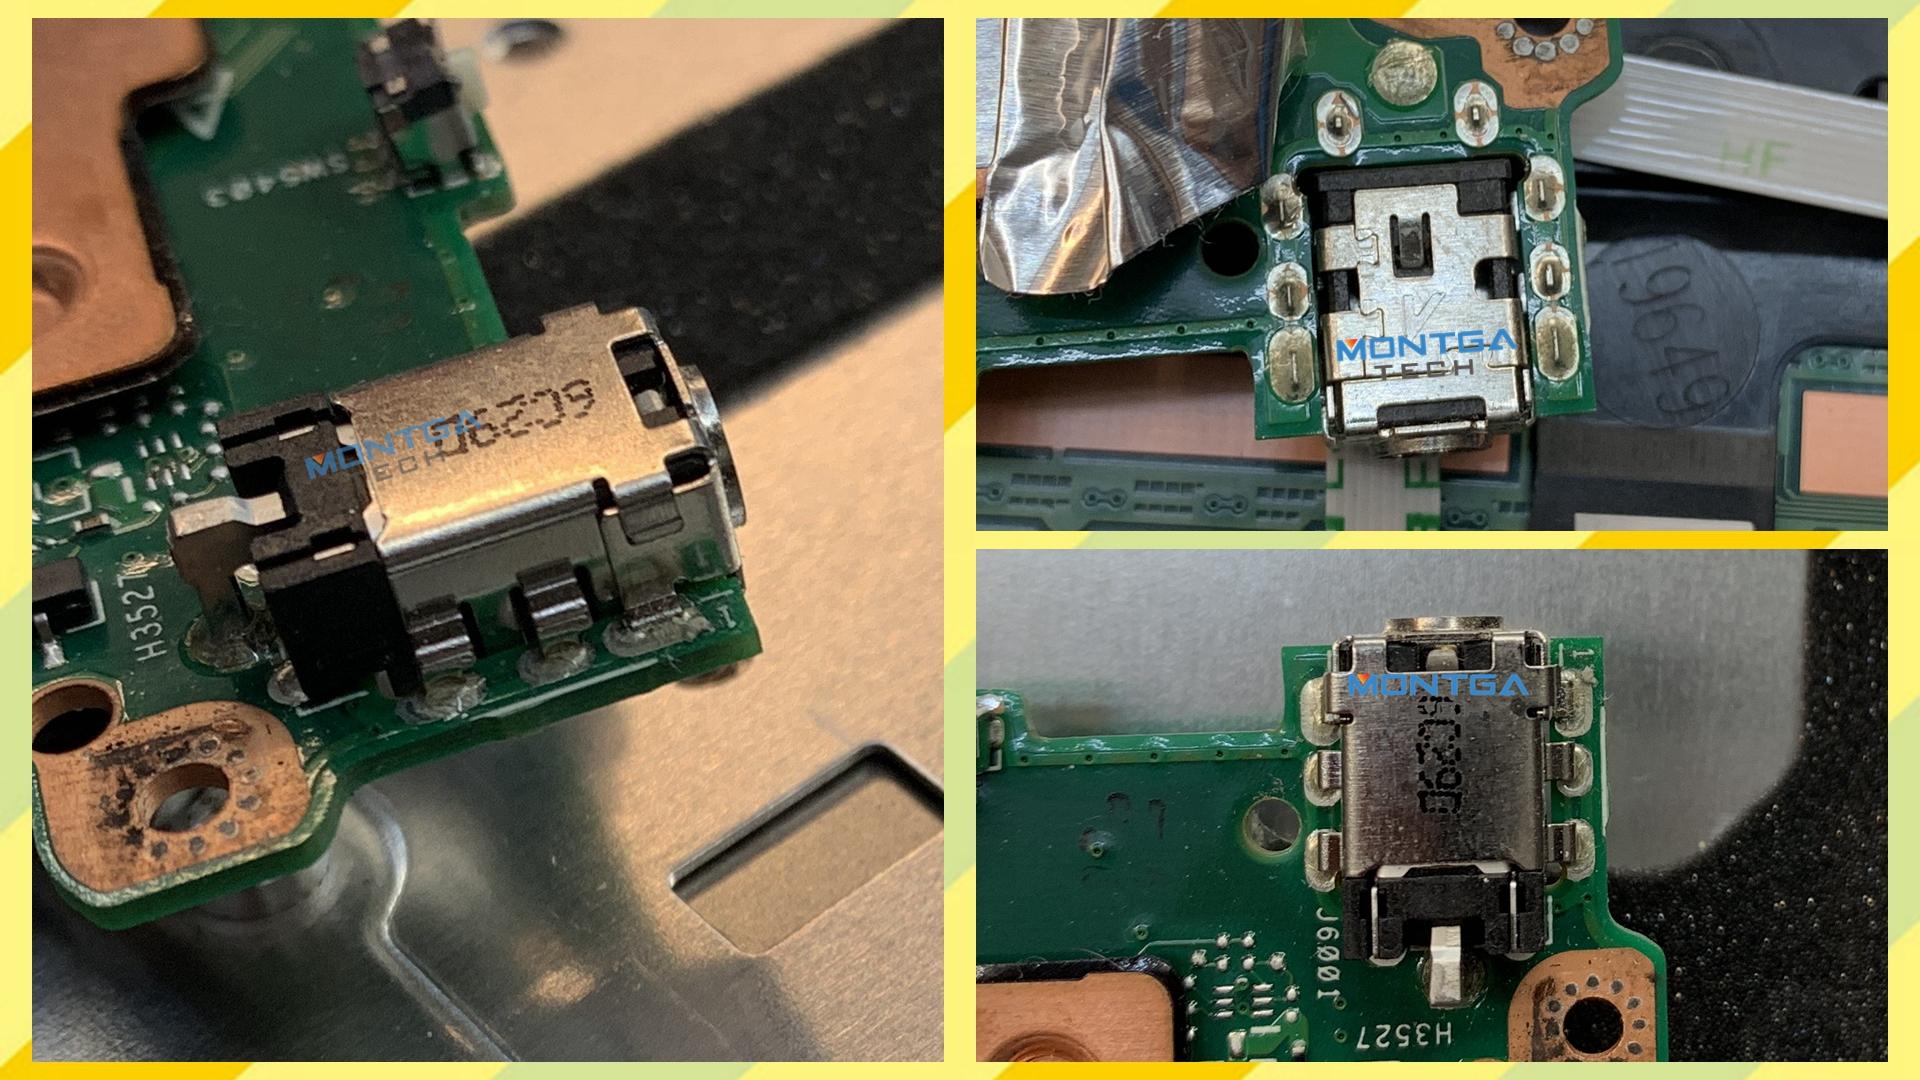 repair charging connector Asus E406MA, repair DC Power Jack Asus E406MA, repair Jack socket Asus E406MA, repair plug Asus E406MA, repair DC Alimantation Asus E406MA, replace charging connector Asus E406MA, replace DC Power Jack Asus E406MA, replace Jack socket Asus E406MA, replace plug Asus E406MA, replace DC Alimantation Asus E406MA,